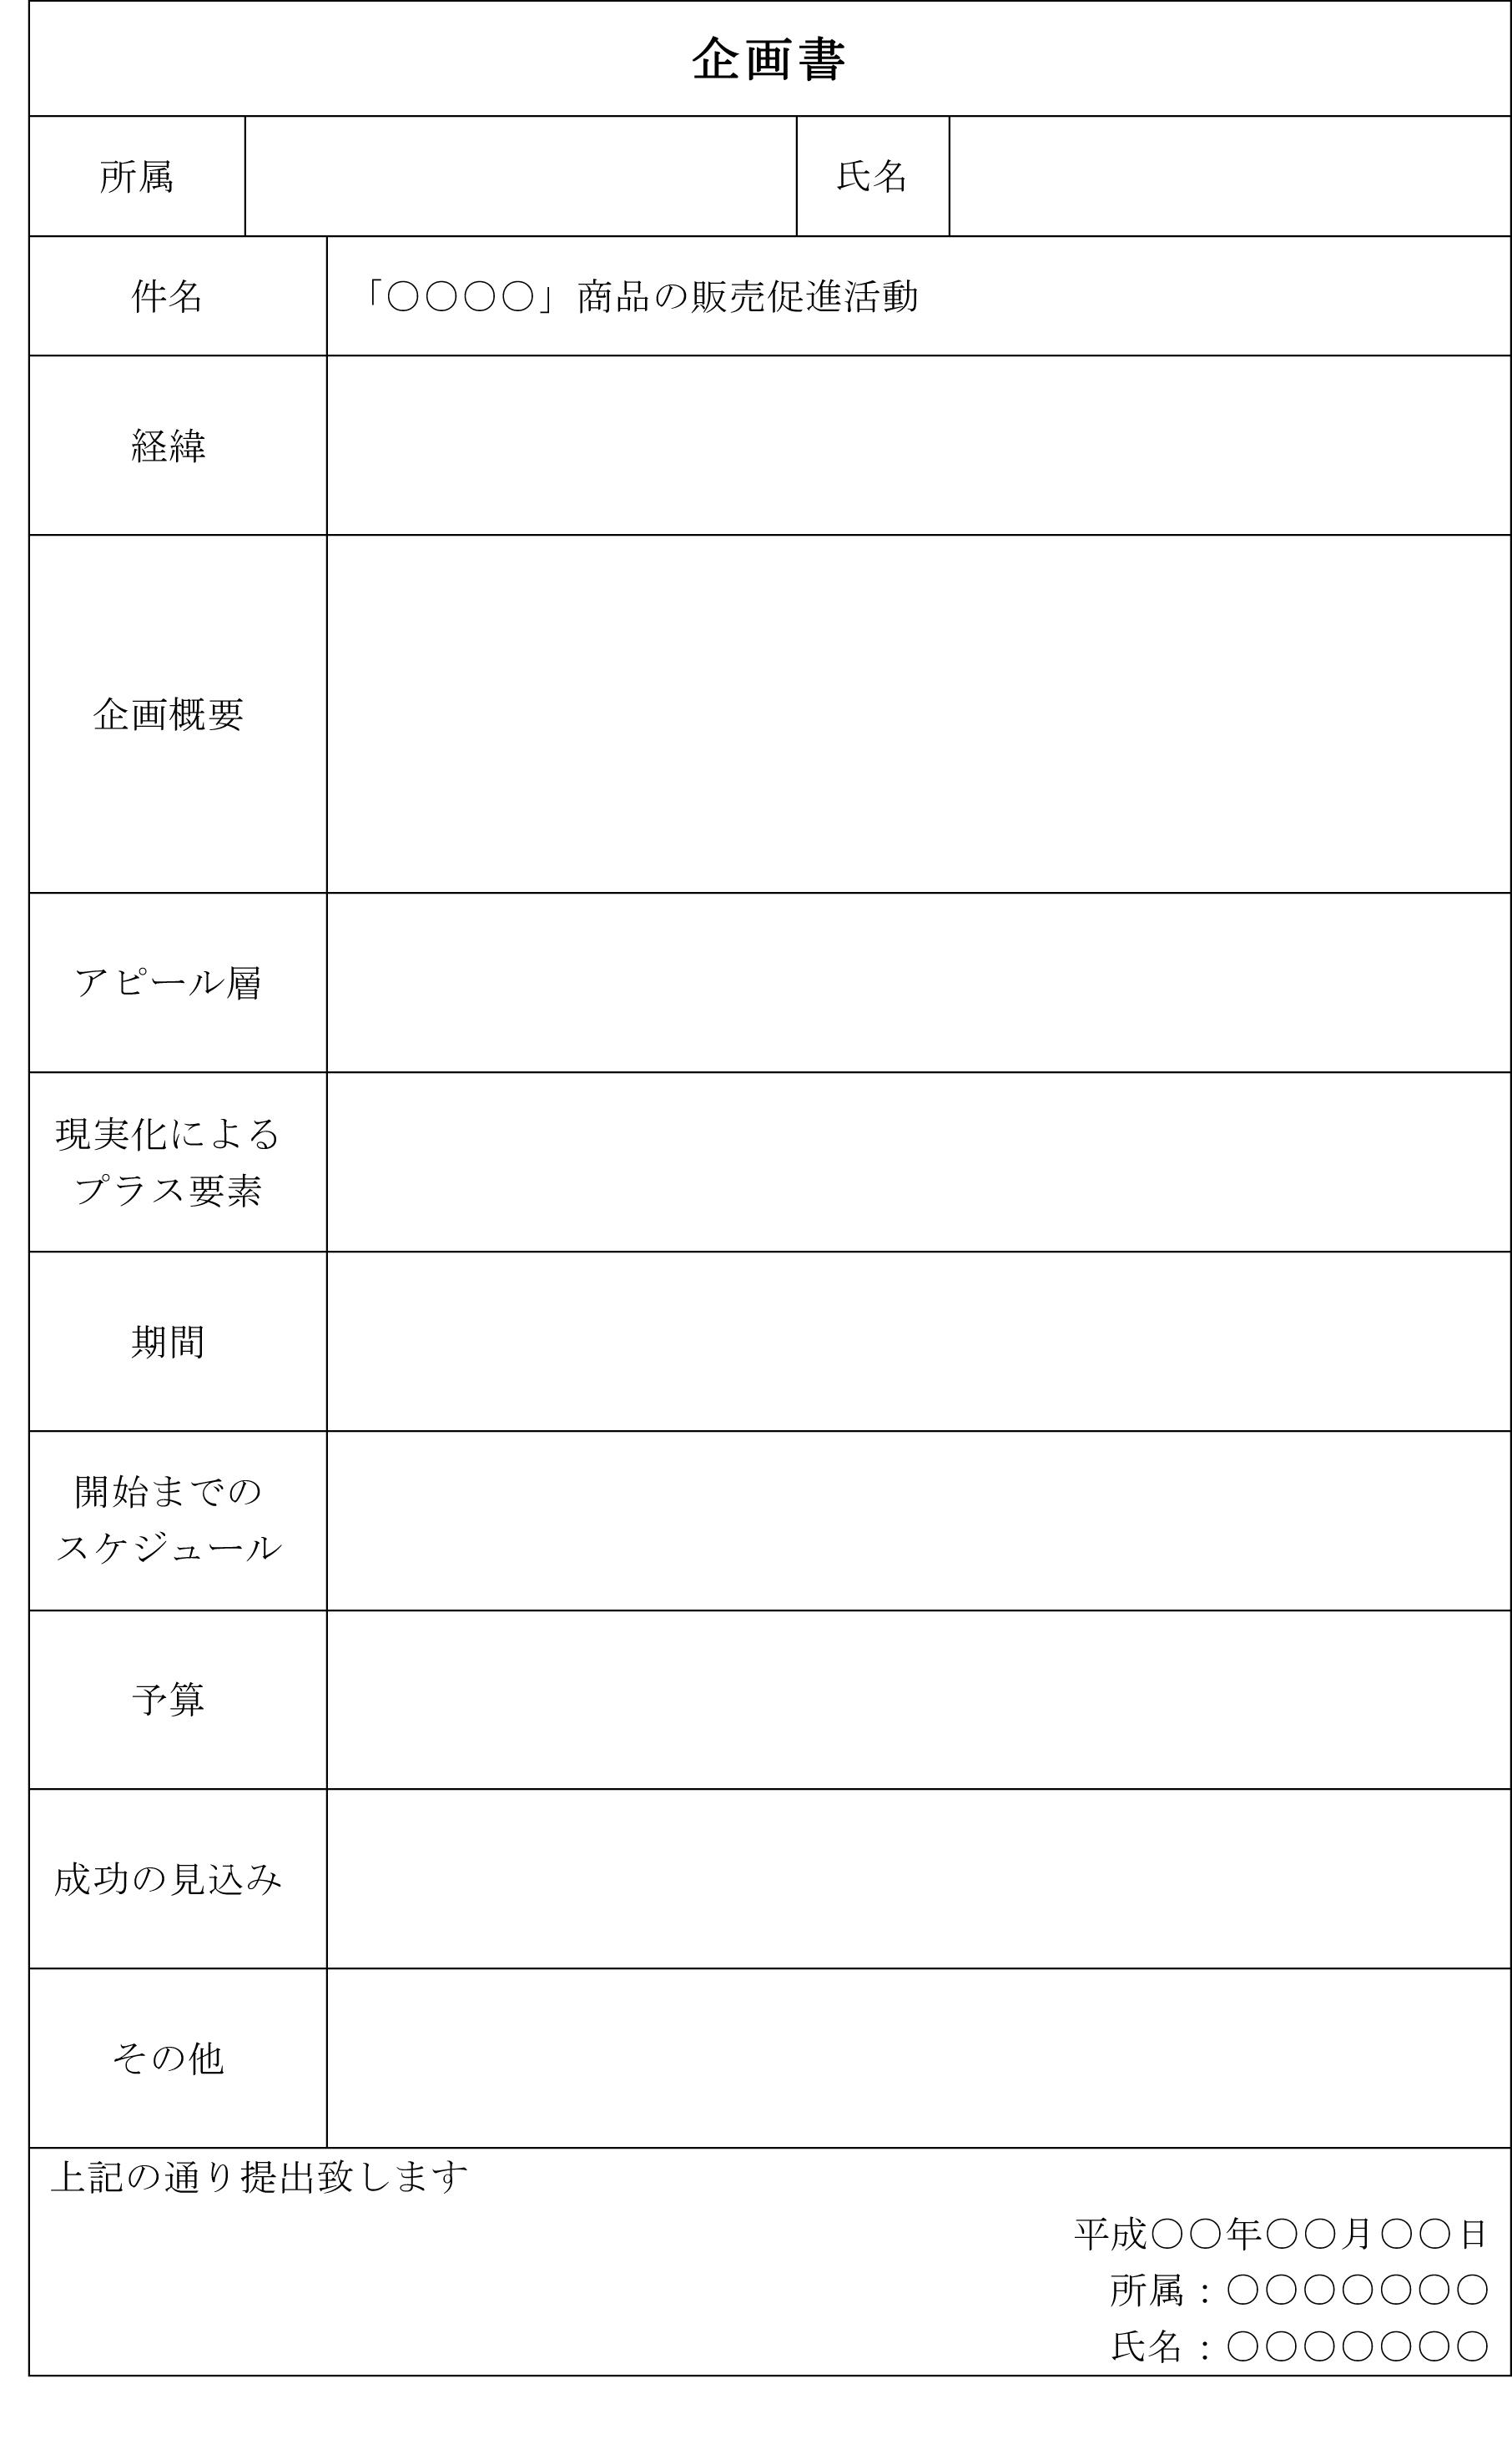 企画書05